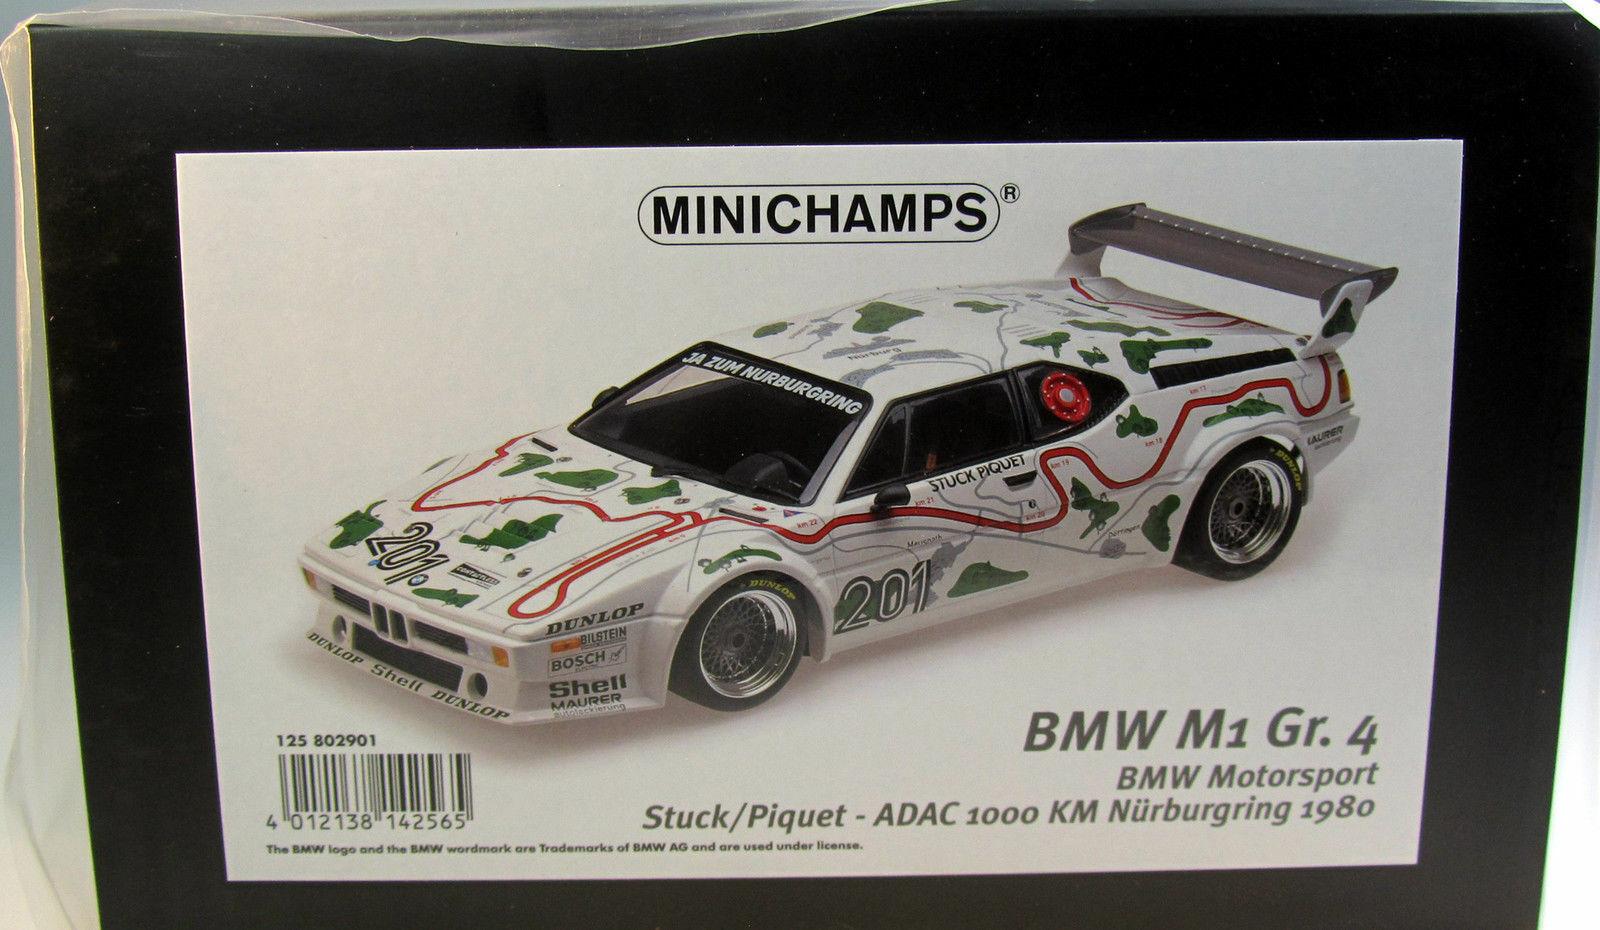 Model 1 12 BMW M1 E26 Gr.4 1000 km Nürnburgring Piece Piquet 1980 Minichamps